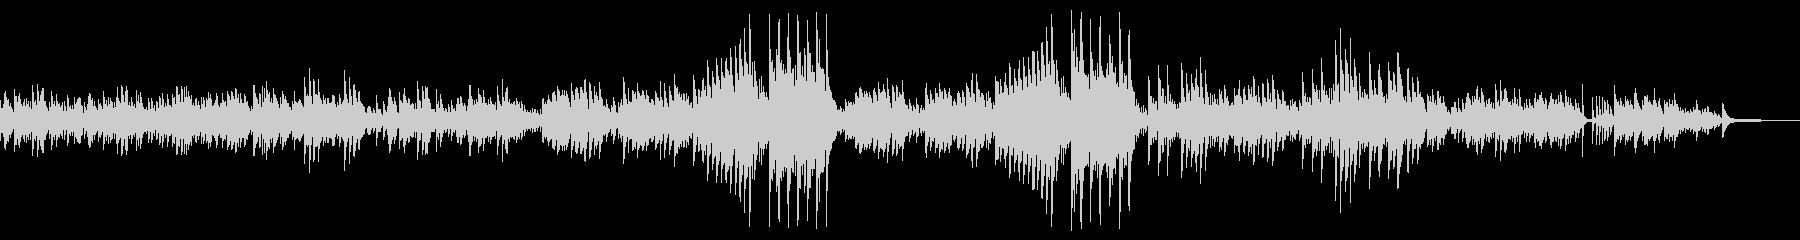 前奏曲「雨だれ」(ピアノ)の未再生の波形